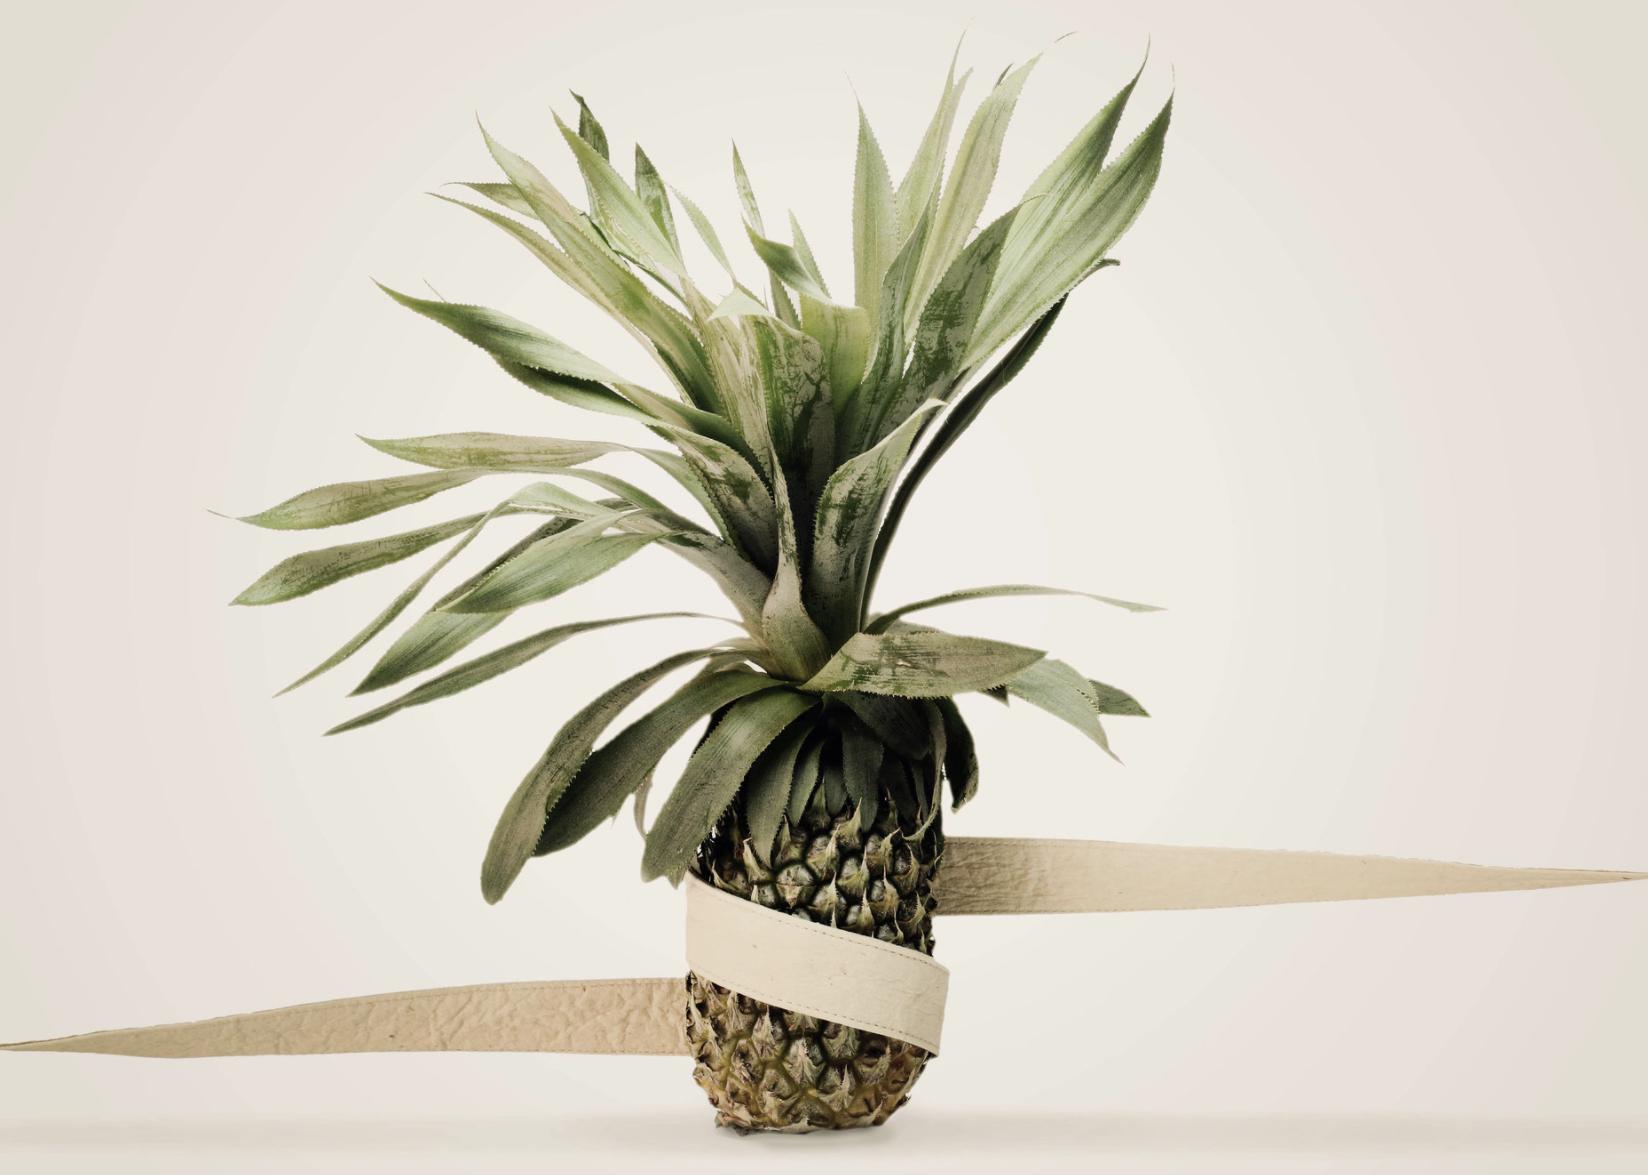 Fotogrfaia kolorwa przedstawiająca ananasa przewiązanego kremowym paskiem skóry, Tło zdjęcia również jest kremowe.